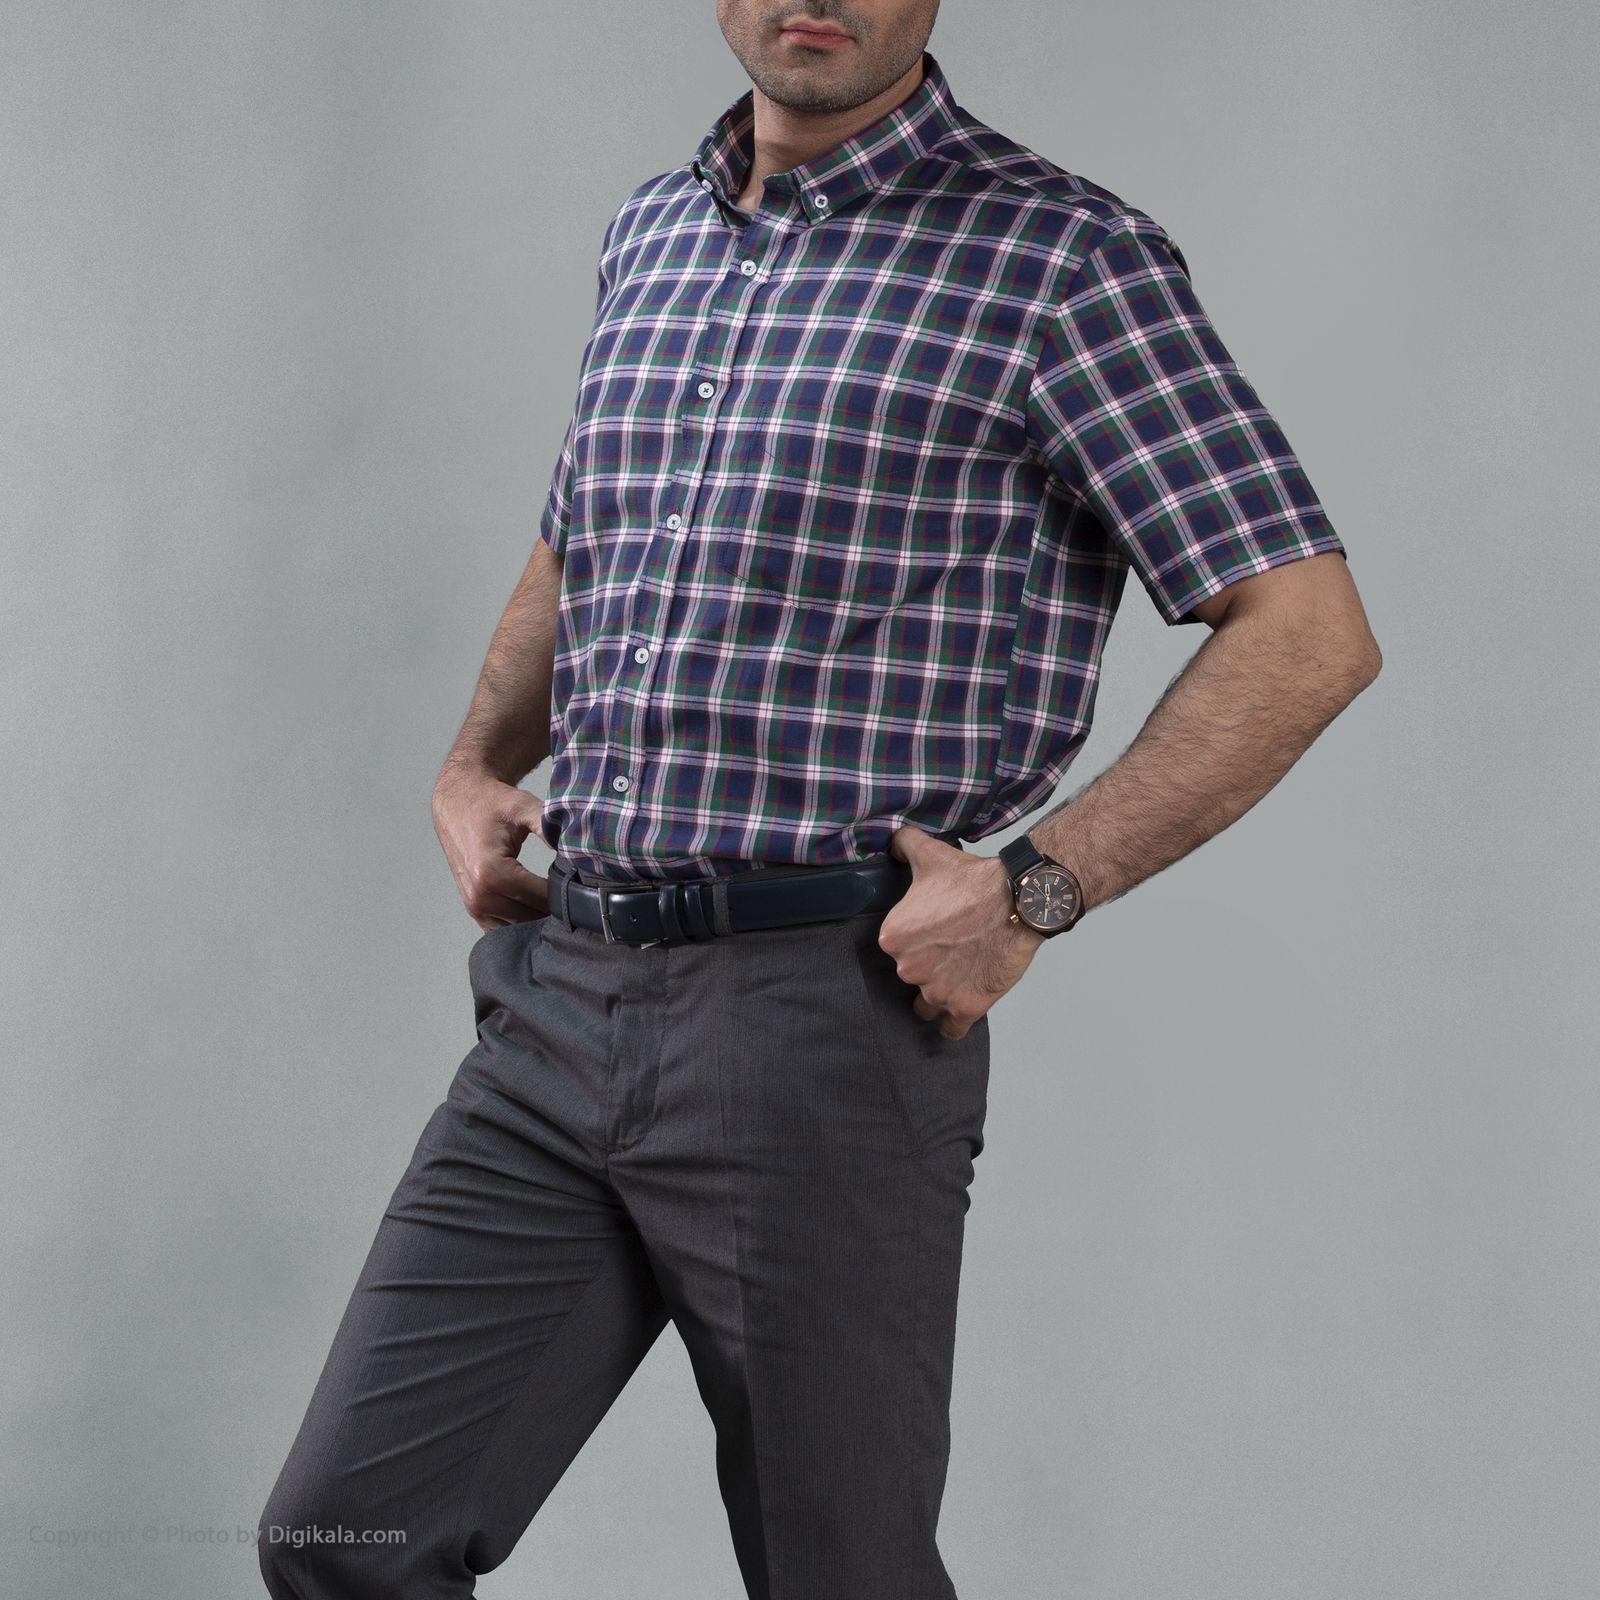 پیراهن مردانه زی مدل 1531228MC -  - 4